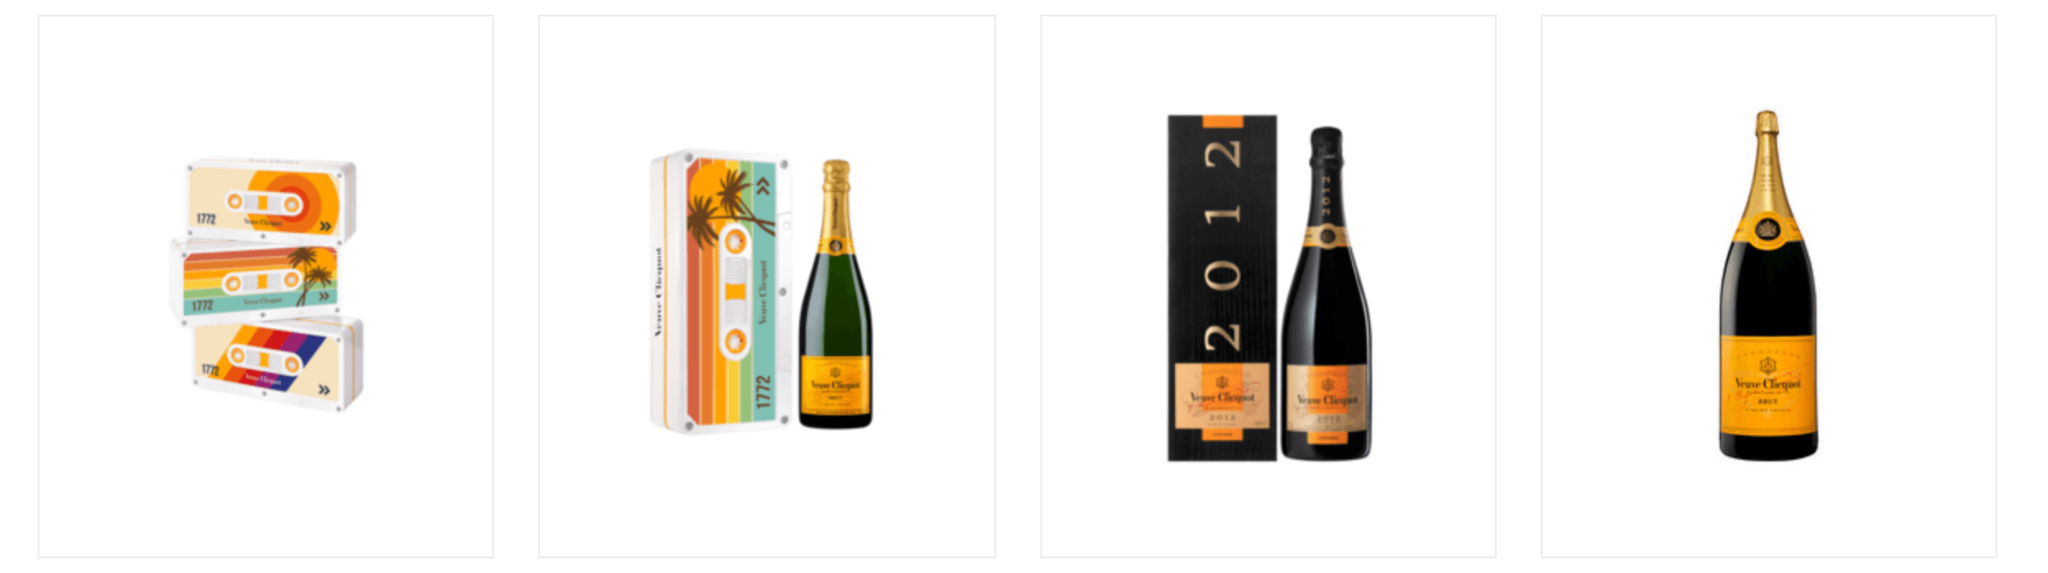 Het verhaal achter Veuve Clicquot champagne